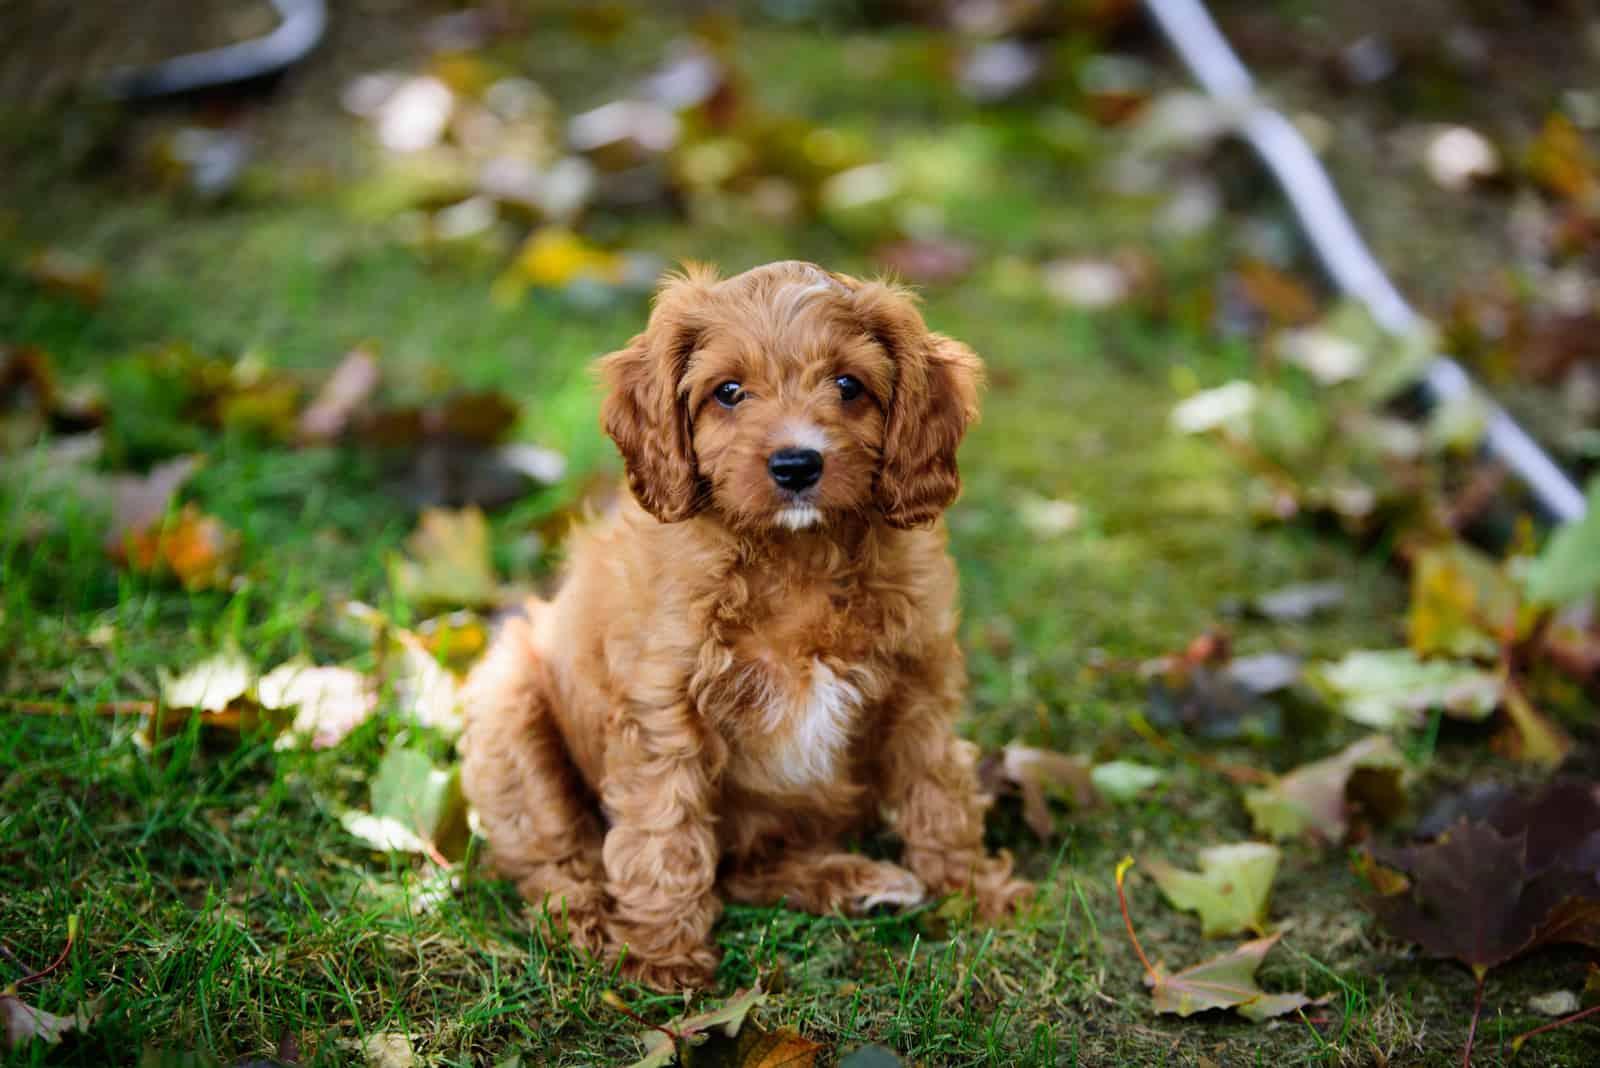 cavapoo litttle puppy on the grass